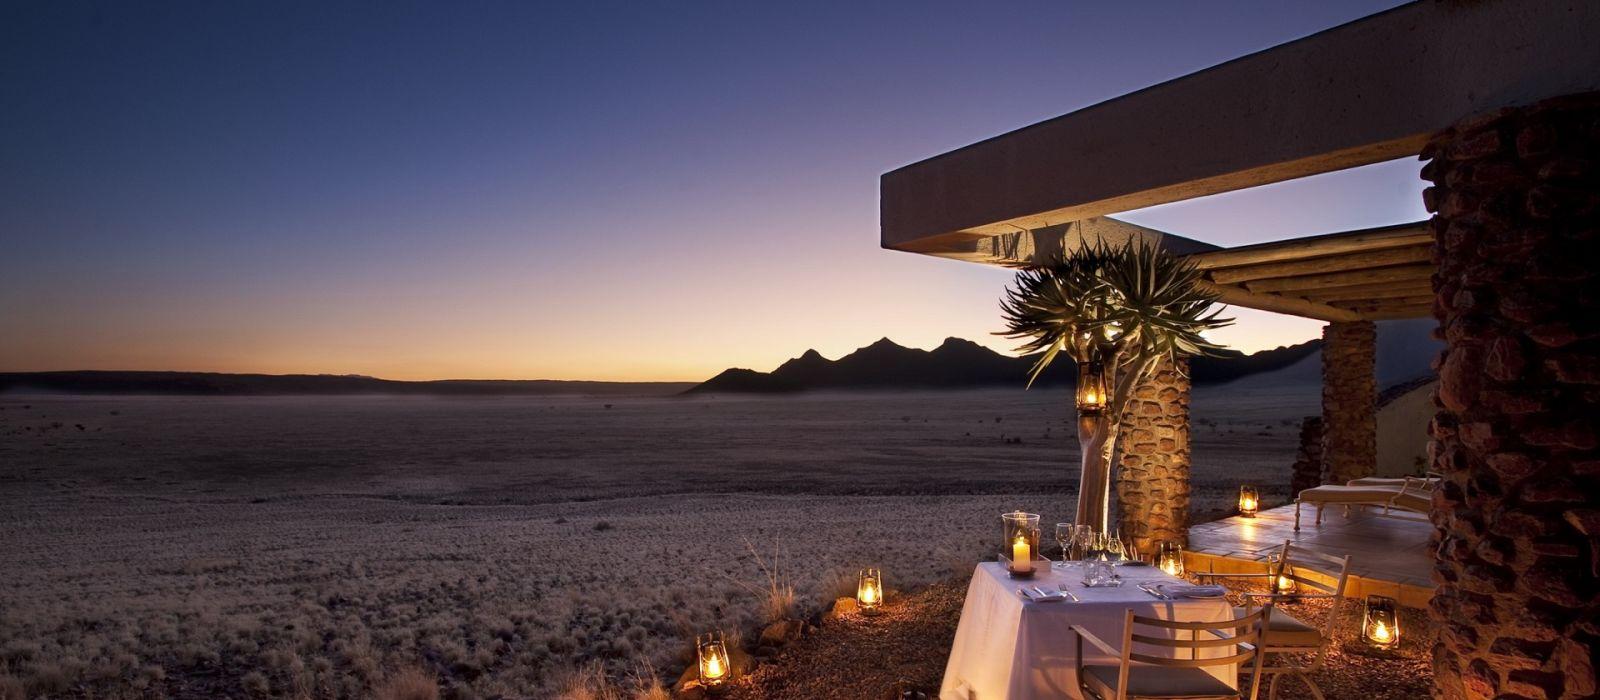 Die verborgenen Schätze in Namibias Norden Urlaub 4